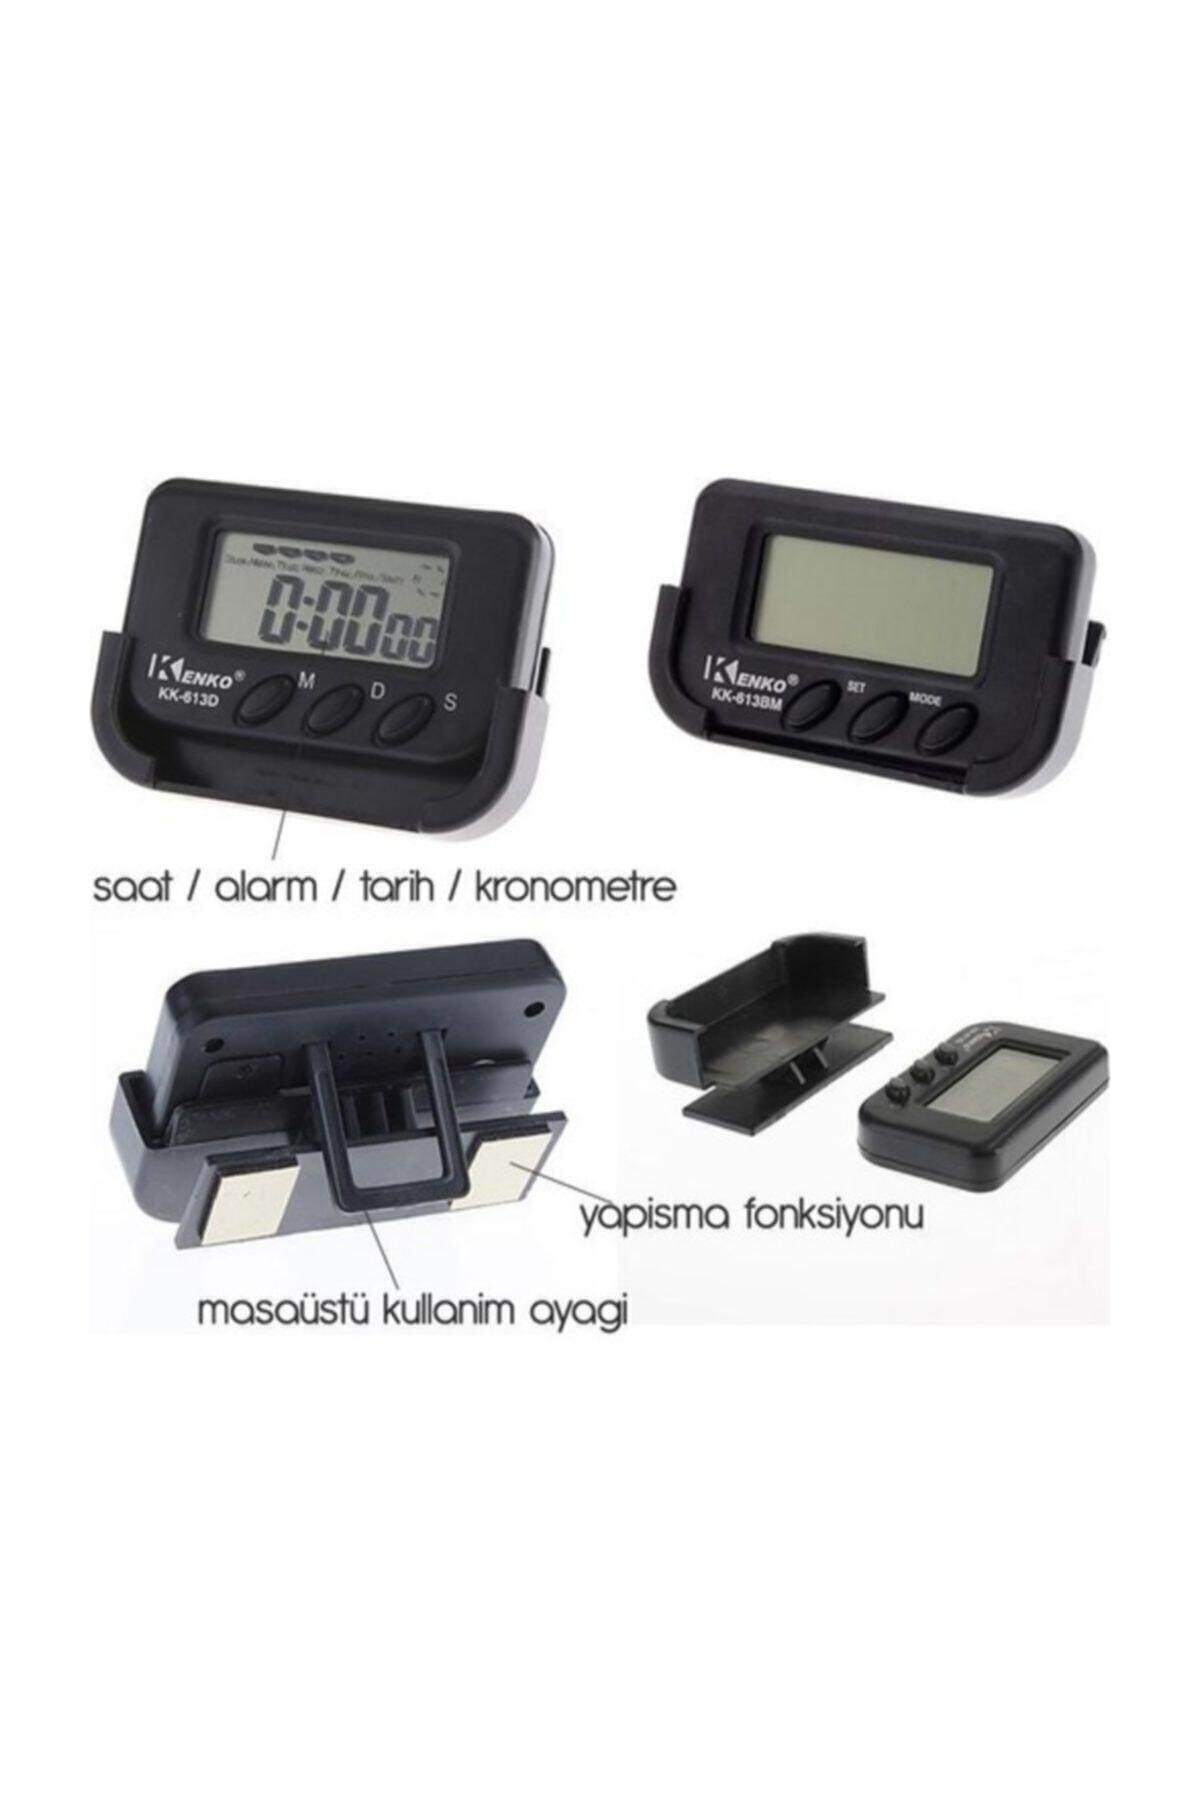 Kenko Mastercar Mini Dijital Kronometre Minibüsçü Saati 1